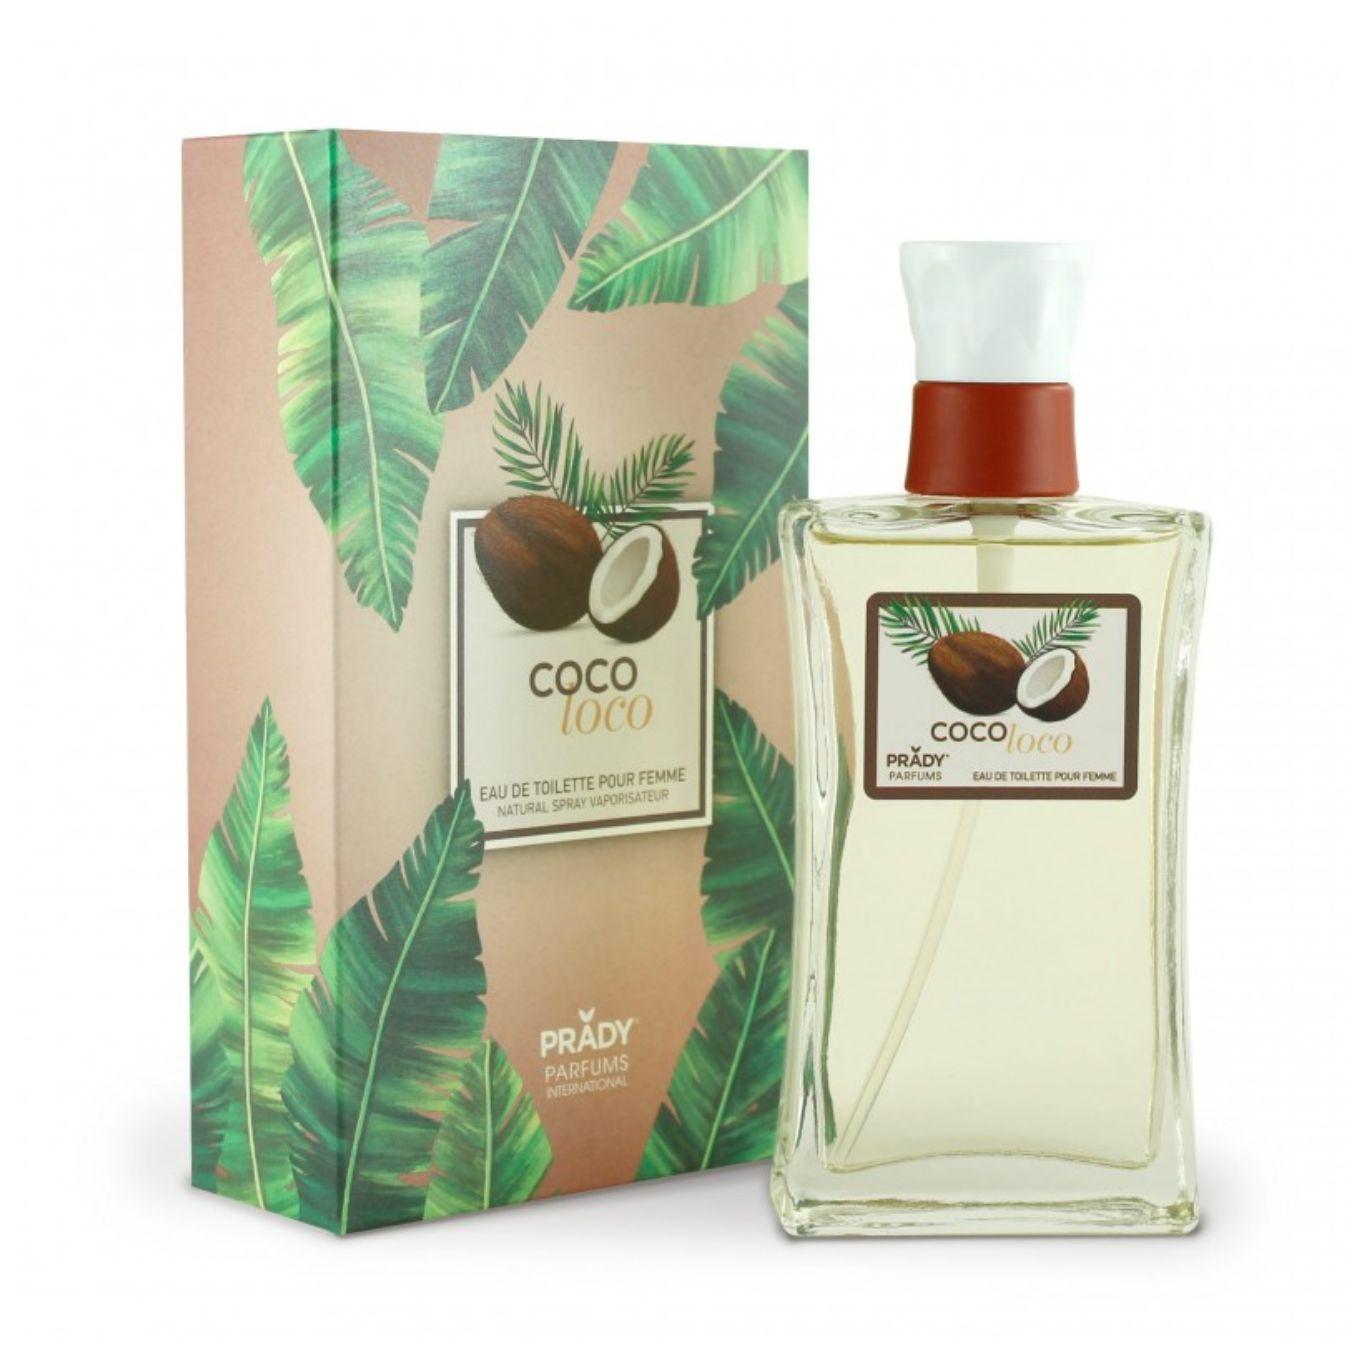 Coco Loco Pour Femme Prady 100 ml.